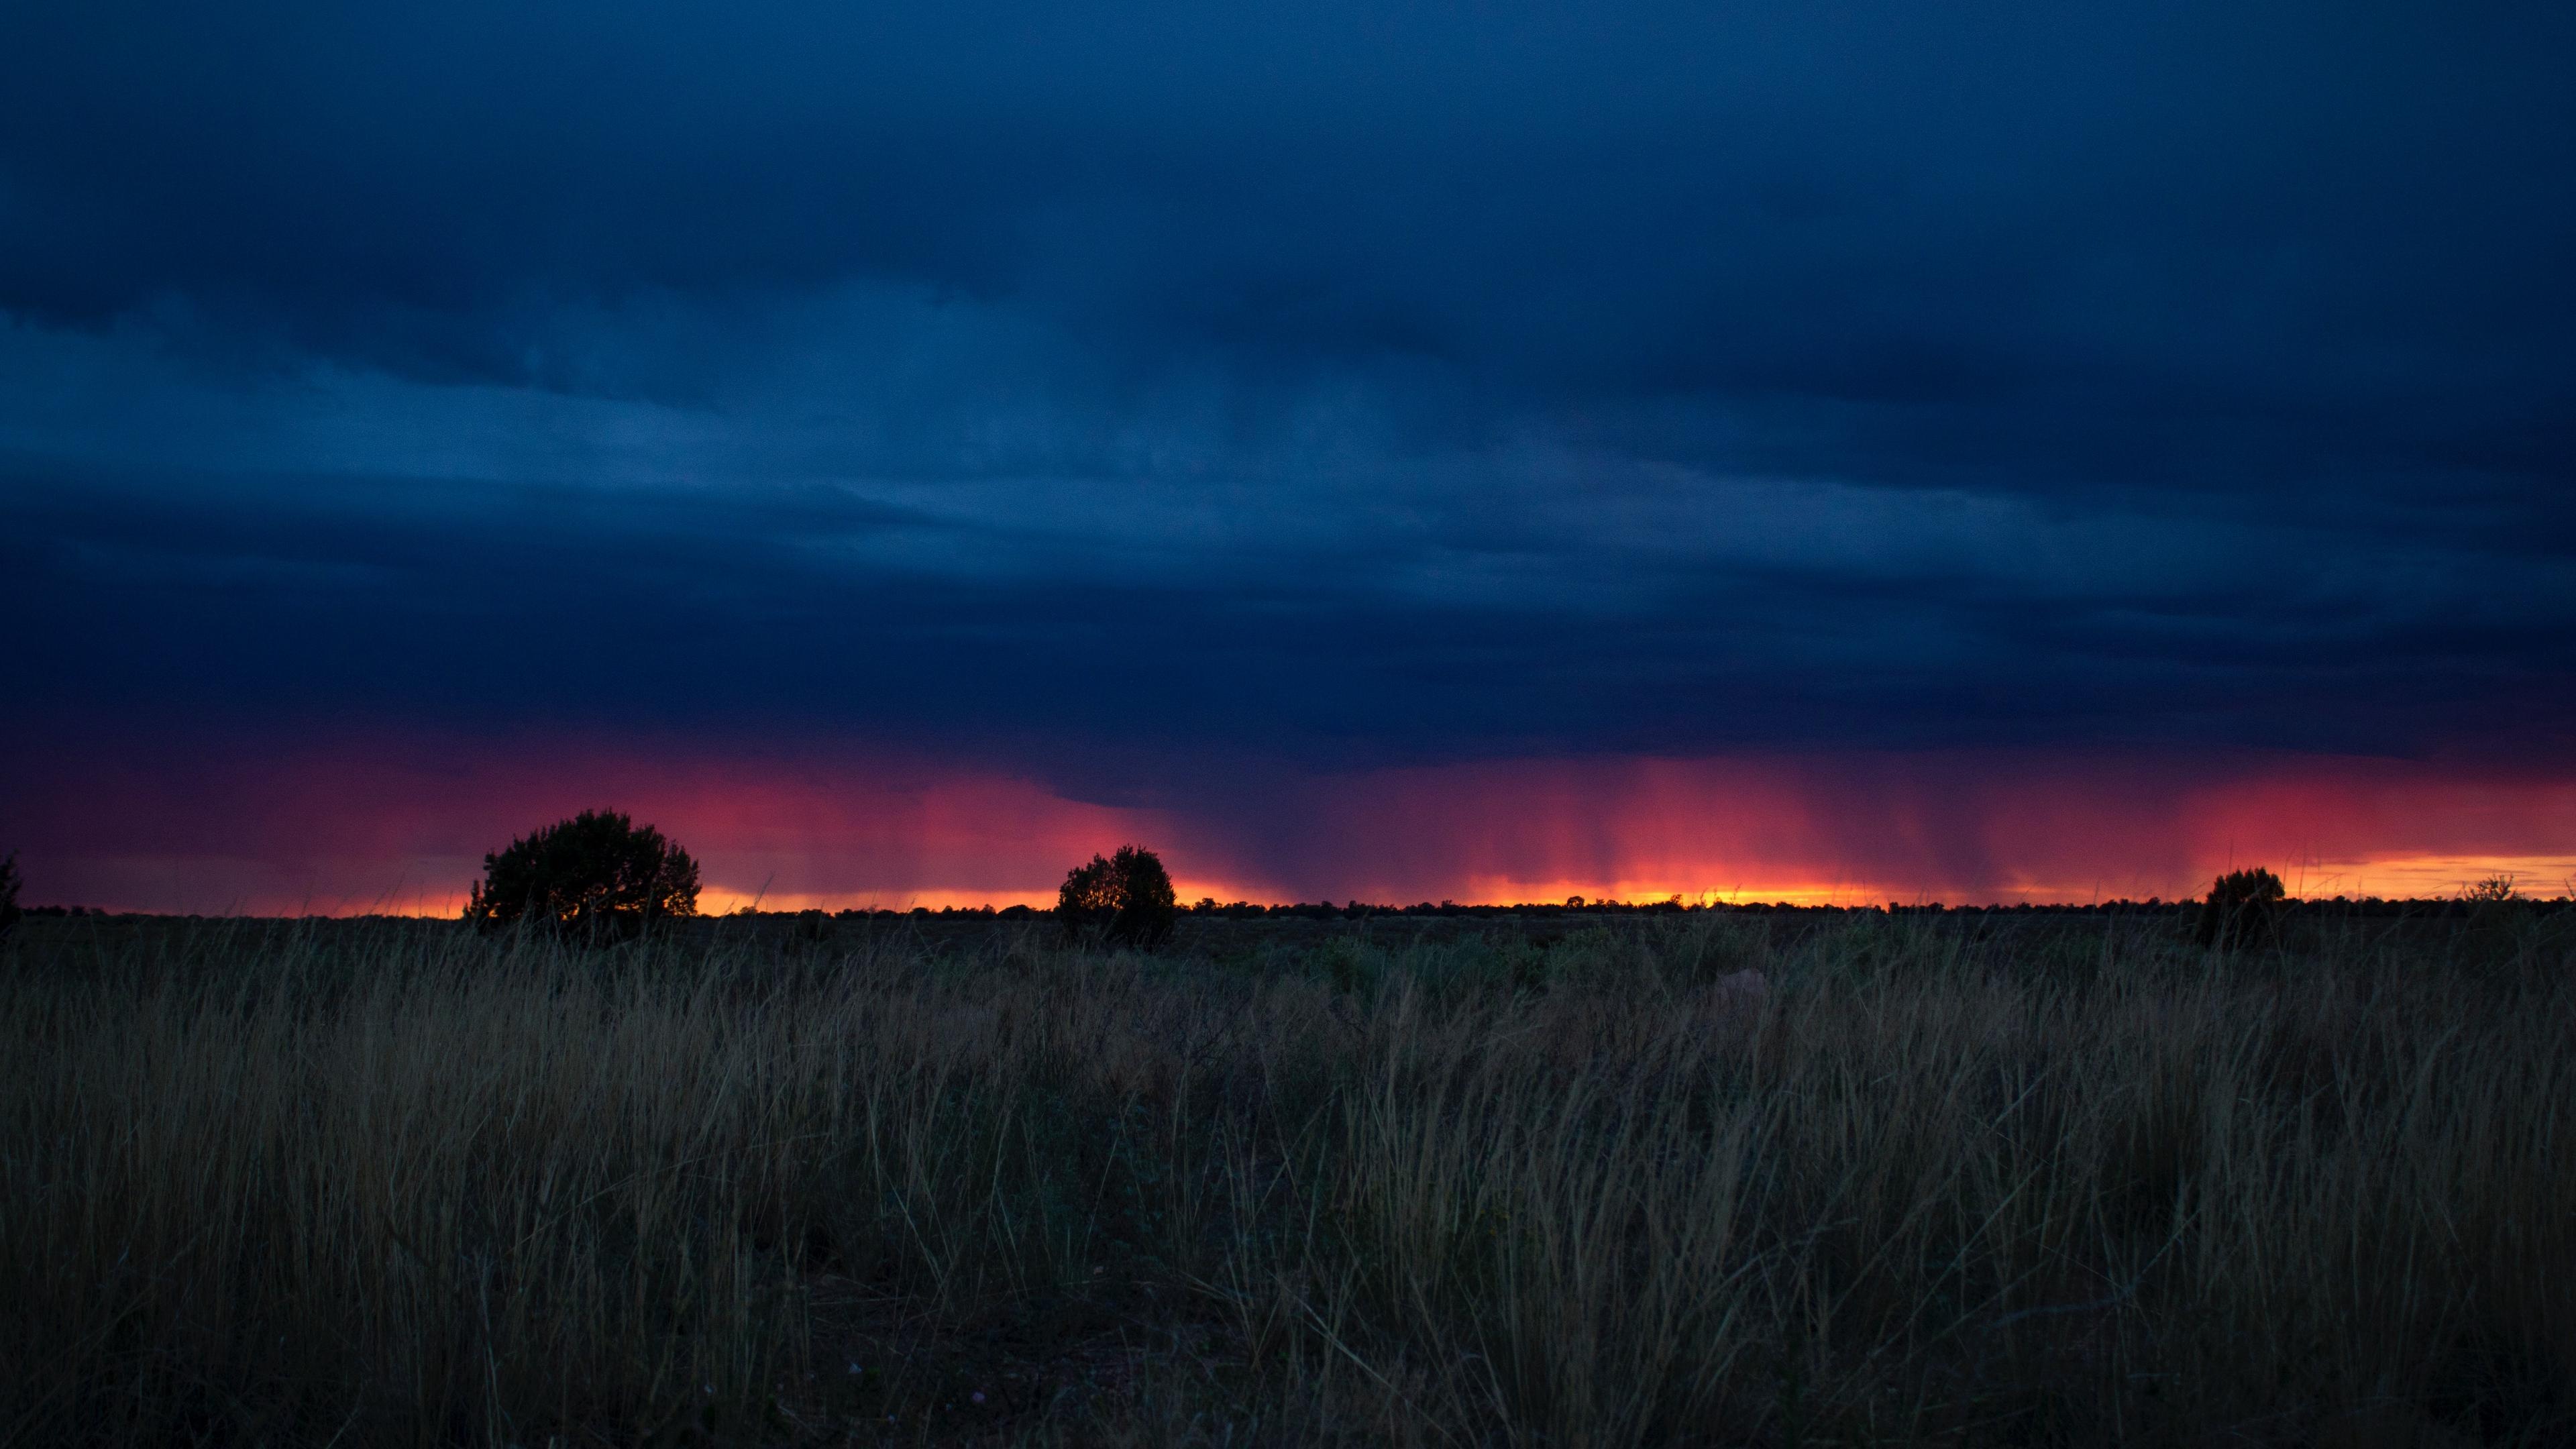 field sunset grass clouds 4k 1541116583 - field, sunset, grass, clouds 4k - sunset, Grass, Field